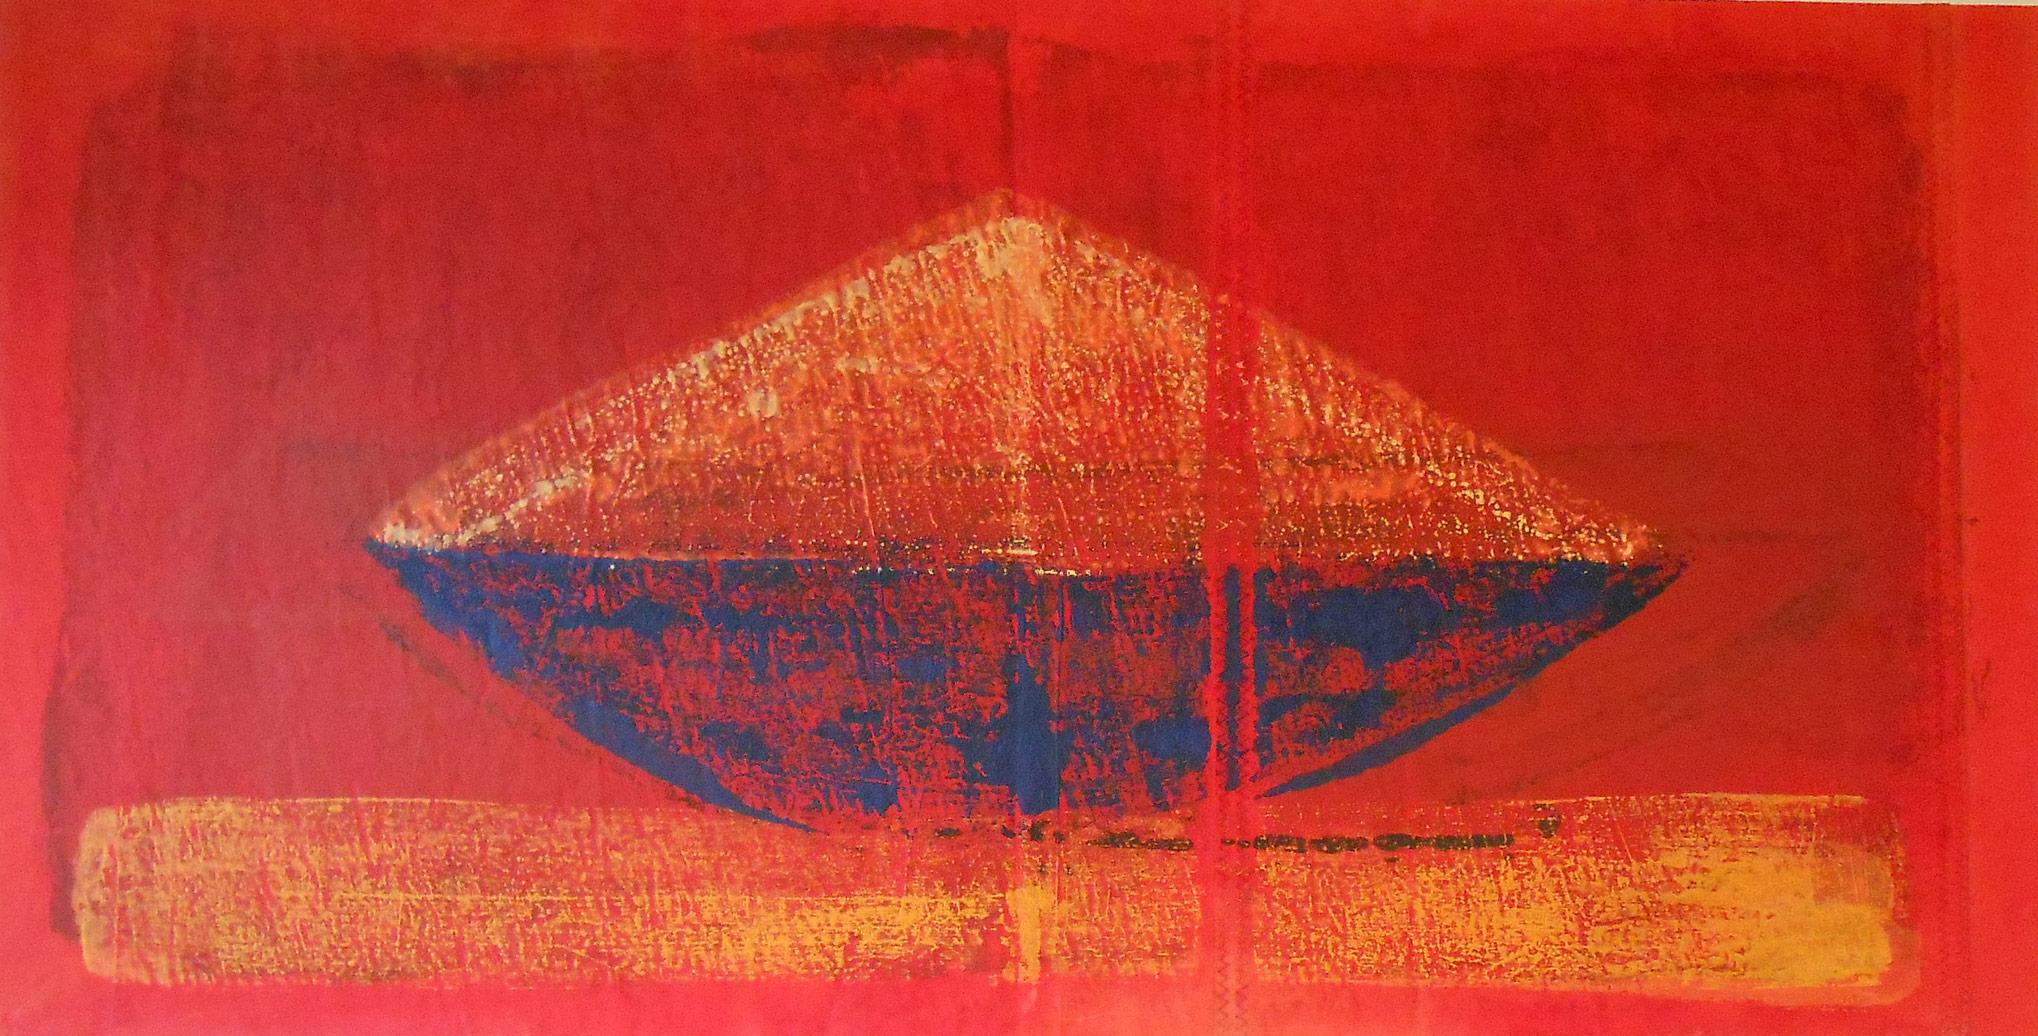 VERKAUFT - Schiff im Traum - 69 x 135 cm, 2015, 1.800,- €